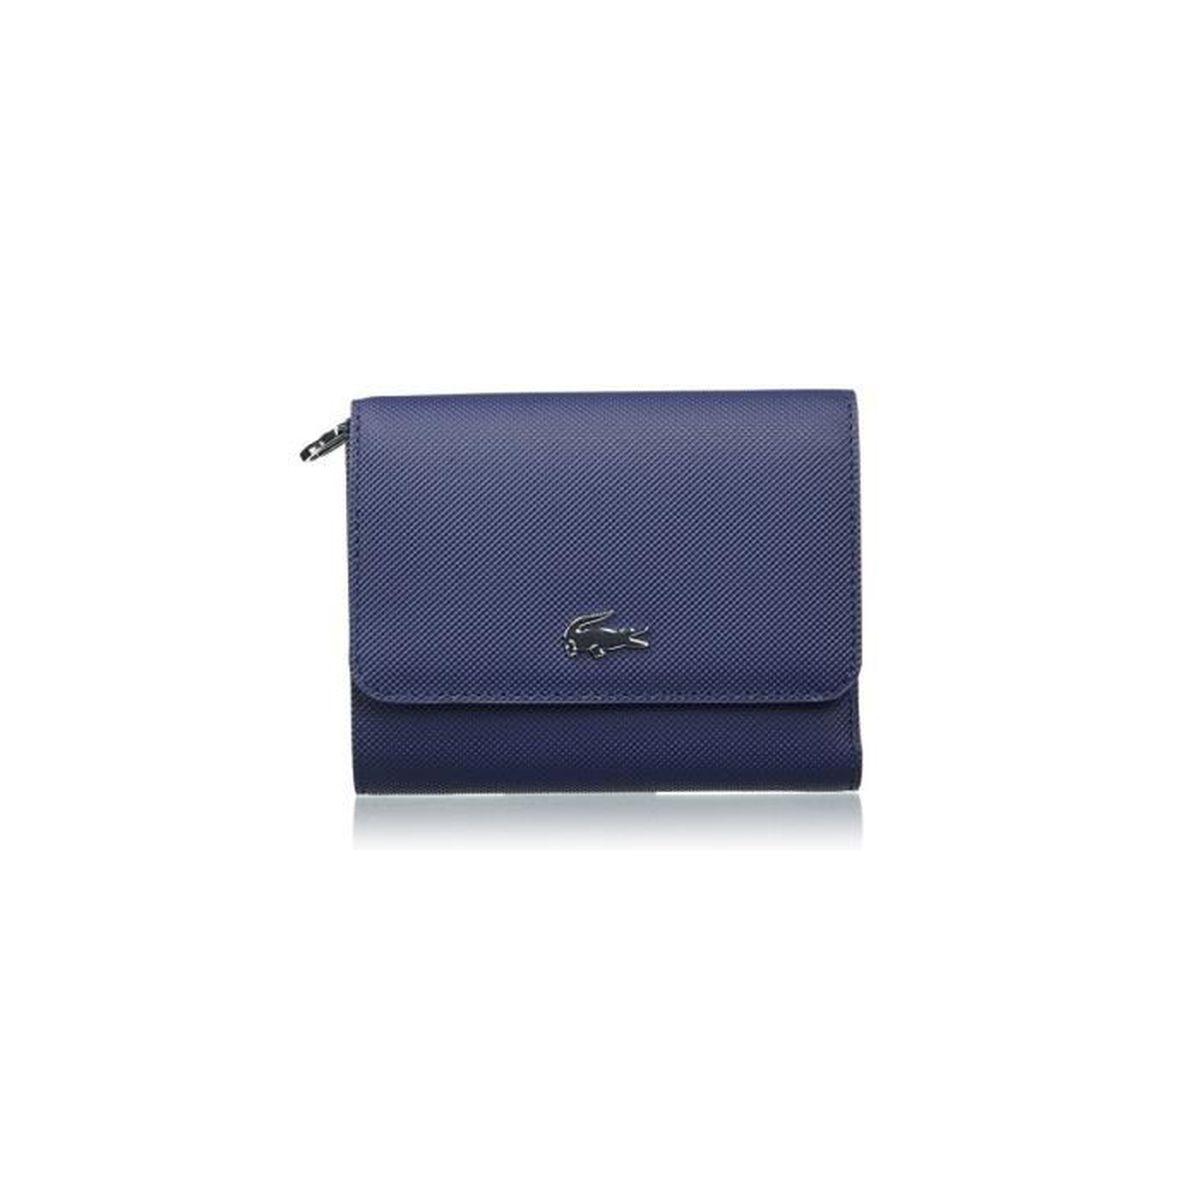 Lacoste Porte Monnaie Nf1967dc Peacoat 021 Taille 105 Cm Bleu